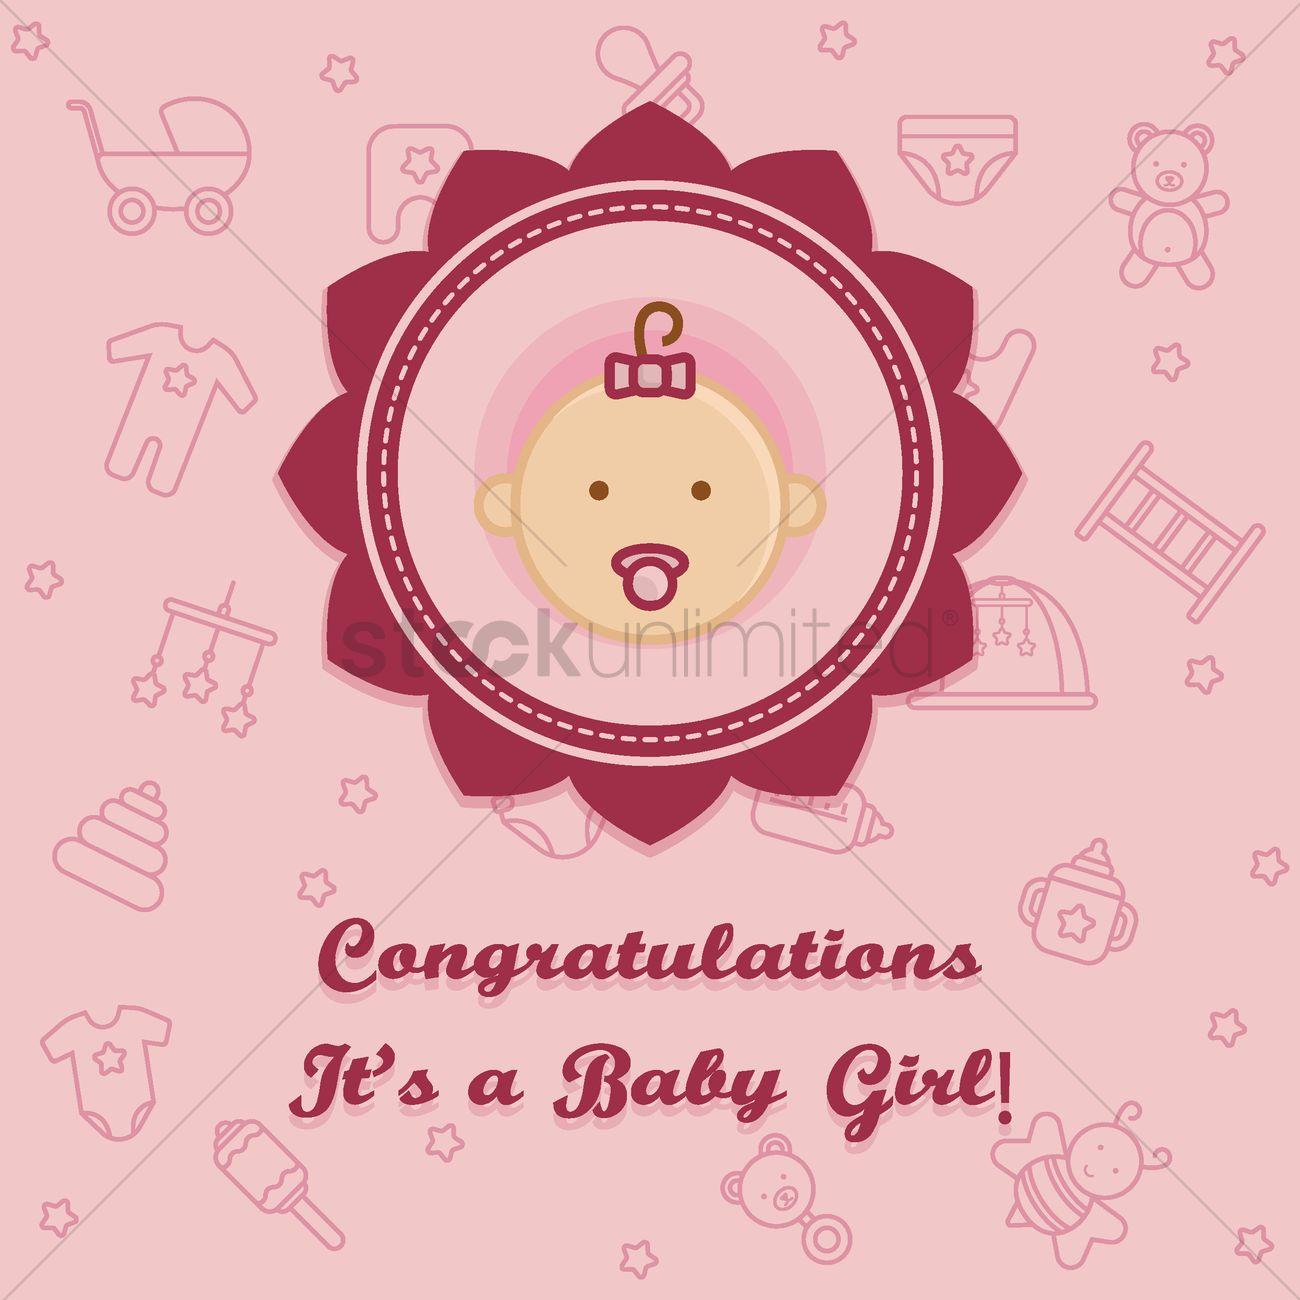 Simple Congratulations A Baby Girl Card Vector Graphic Congratulations A Baby Girl Card Vector Image Congratulations Baby Girl Gif Congratulations Baby Girl Card Template baby shower Congratulations Baby Girl